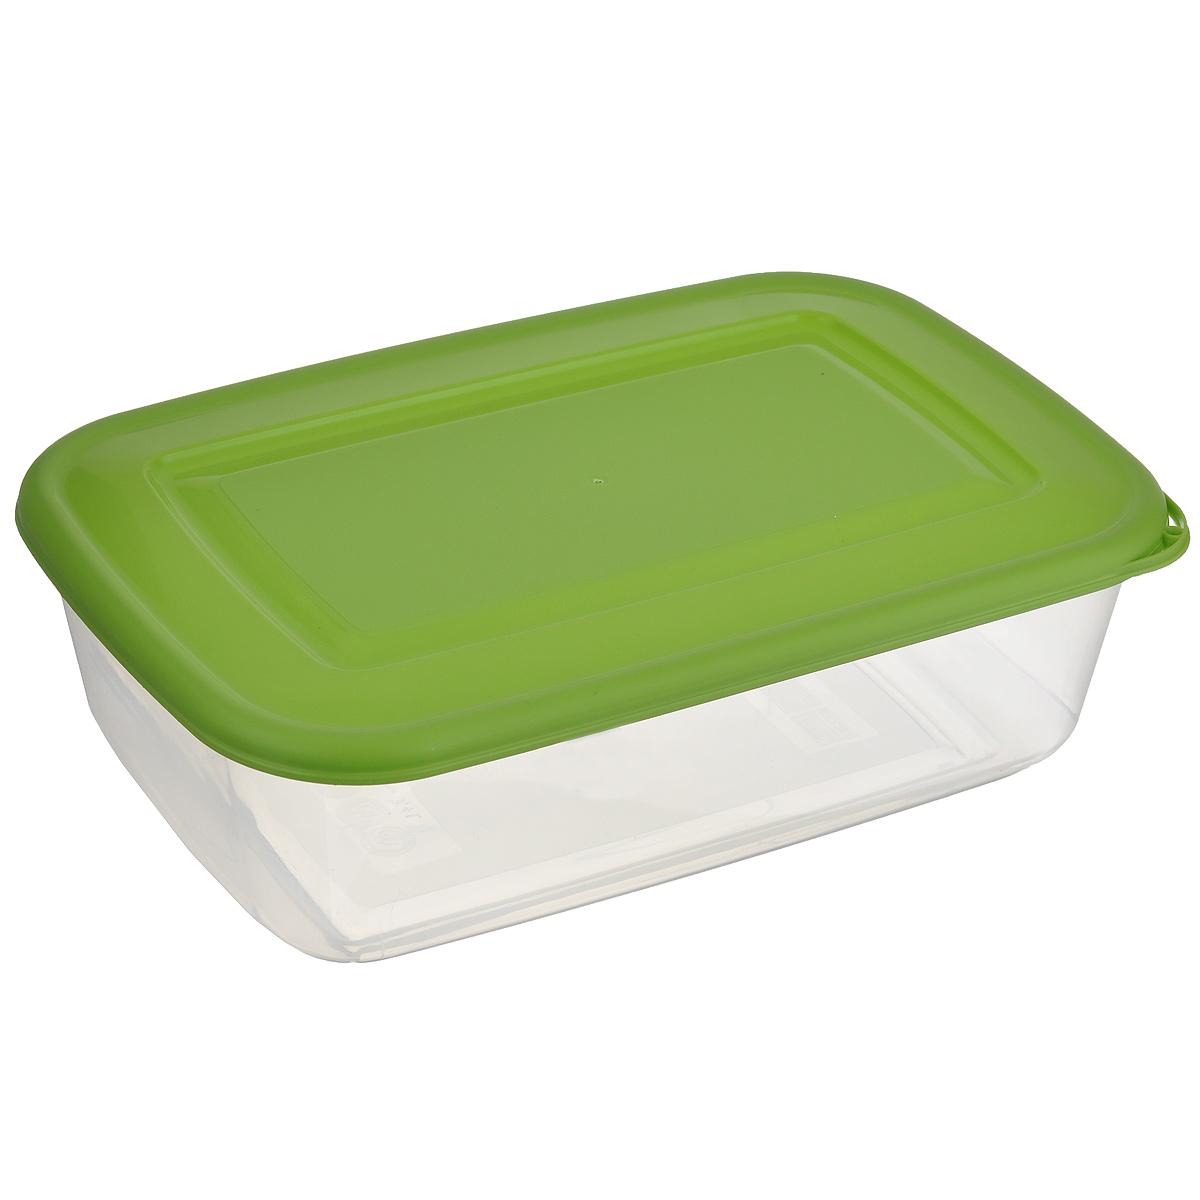 Контейнер Бытпласт, цвет: прозрачный, зеленый, 3,4 лС11116Контейнер Бытпласт, изготовленный из пищевого пластика, предназначен специально для хранения пищевых продуктов. Крышка легко открывается и плотно закрывается. Контейнер устойчив к воздействию масел и жиров, легко моется. Прозрачные стенки позволяют видеть содержимое. Можно использовать в микроволновой печи только для разогрева пищи и без крышки, подходит для хранения пищи в холодильнике. Можно мыть в посудомоечной машине.